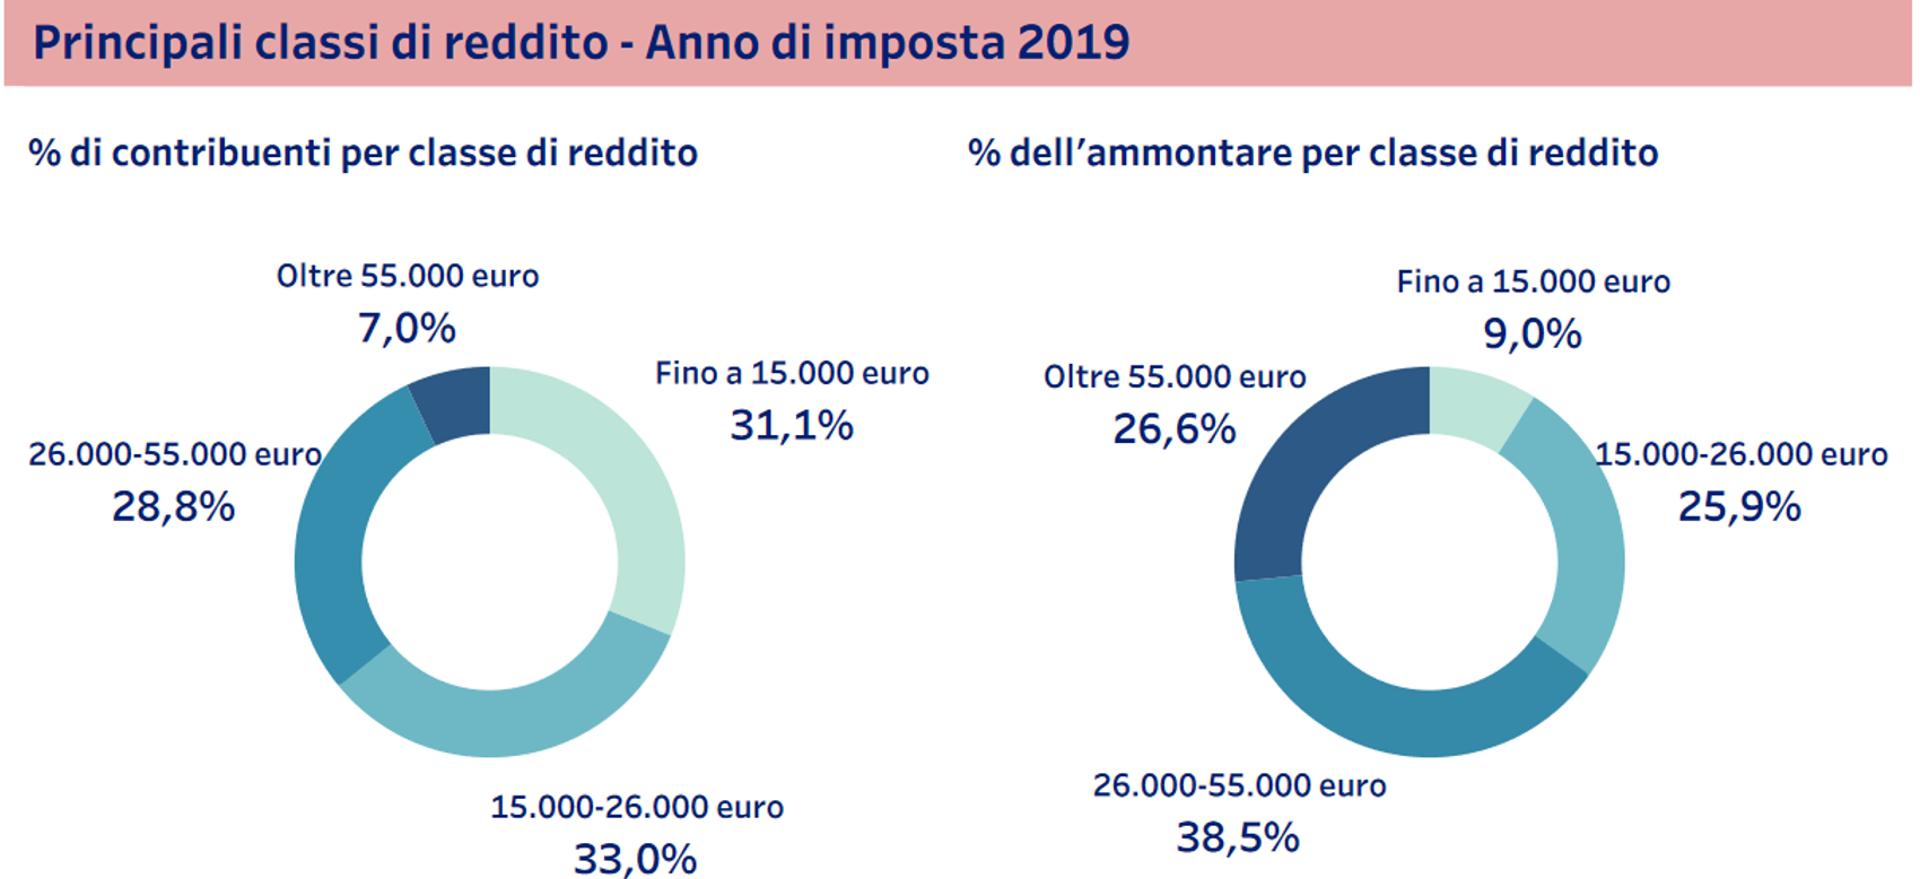 Principali classi di reddito - Immagine dal sito Statistica